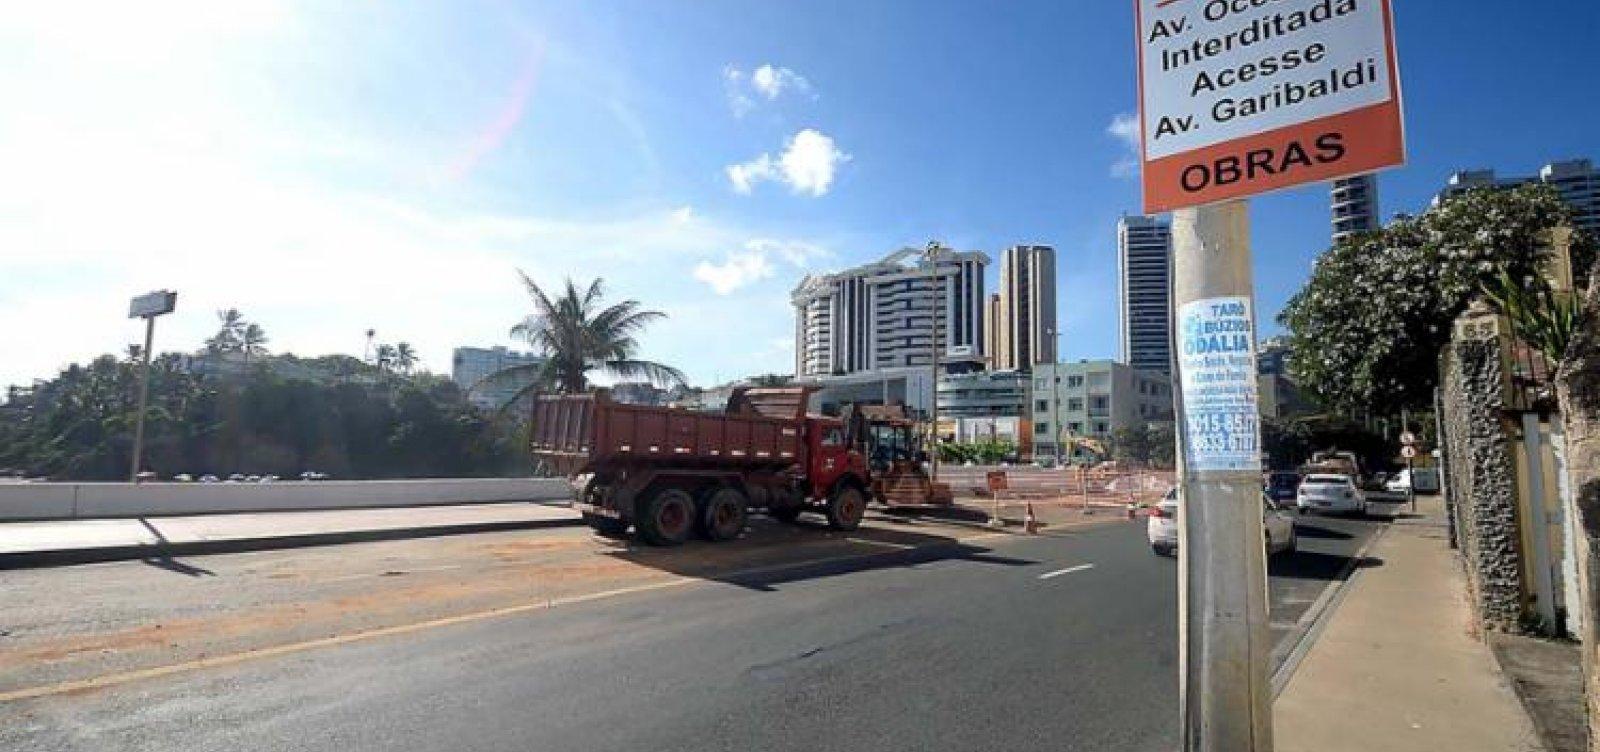 [Eventos alteram tráfego de veículos nesse final de semana em Salvador; confira]